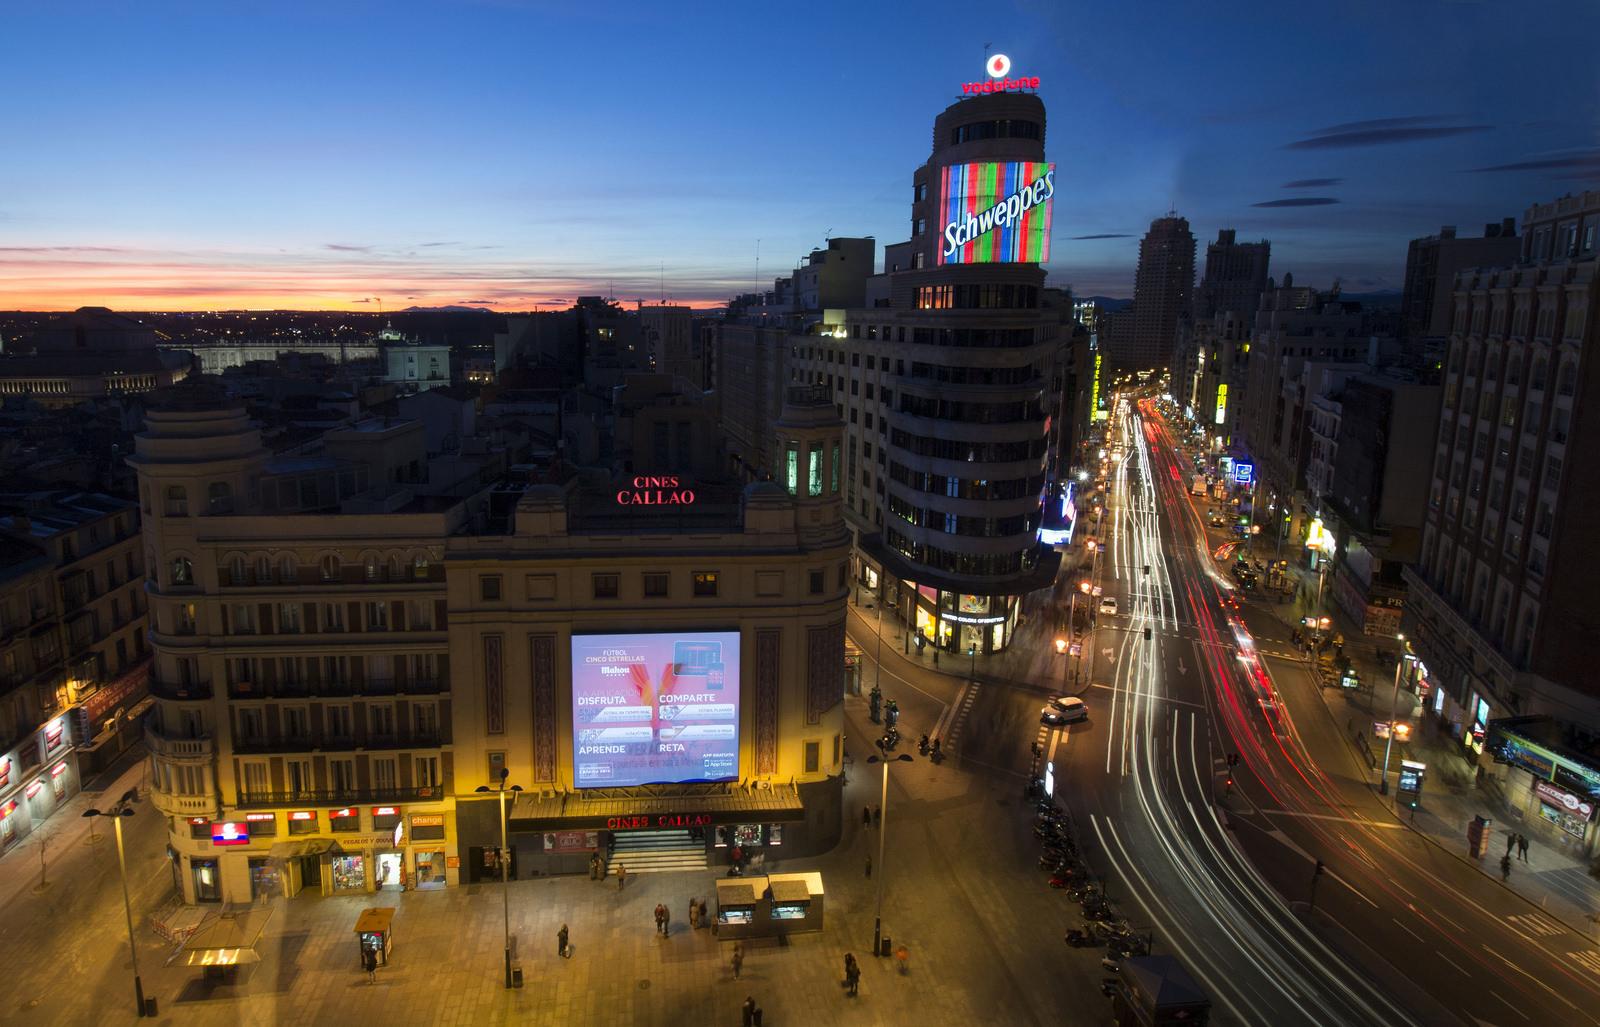 """""""Plaza de Callao (Madrid)"""" photo by Enrique Gómez"""